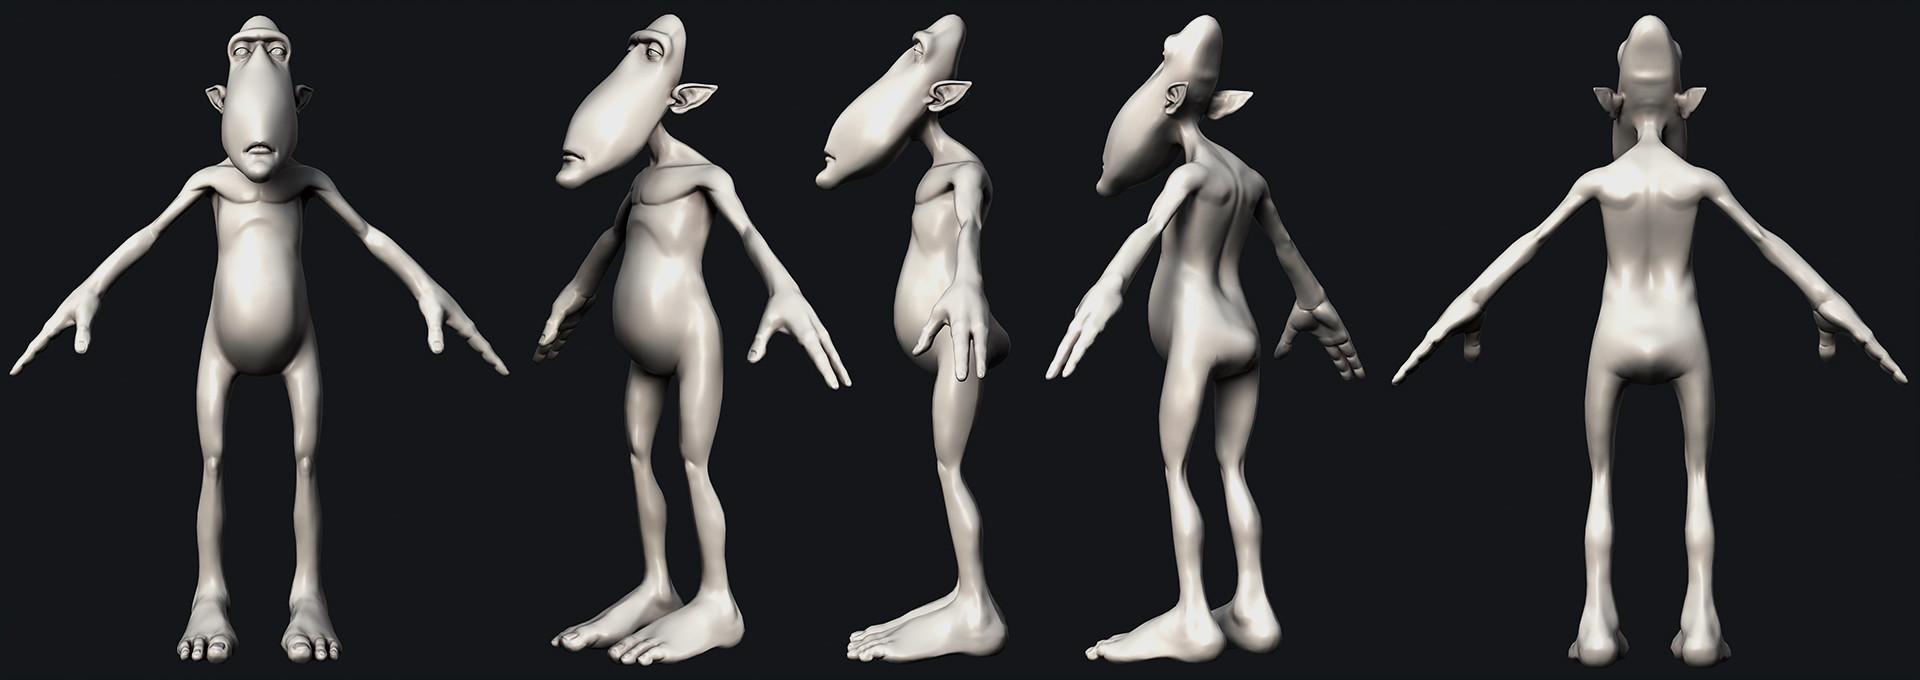 Jay susuico jsusuico alienbody1